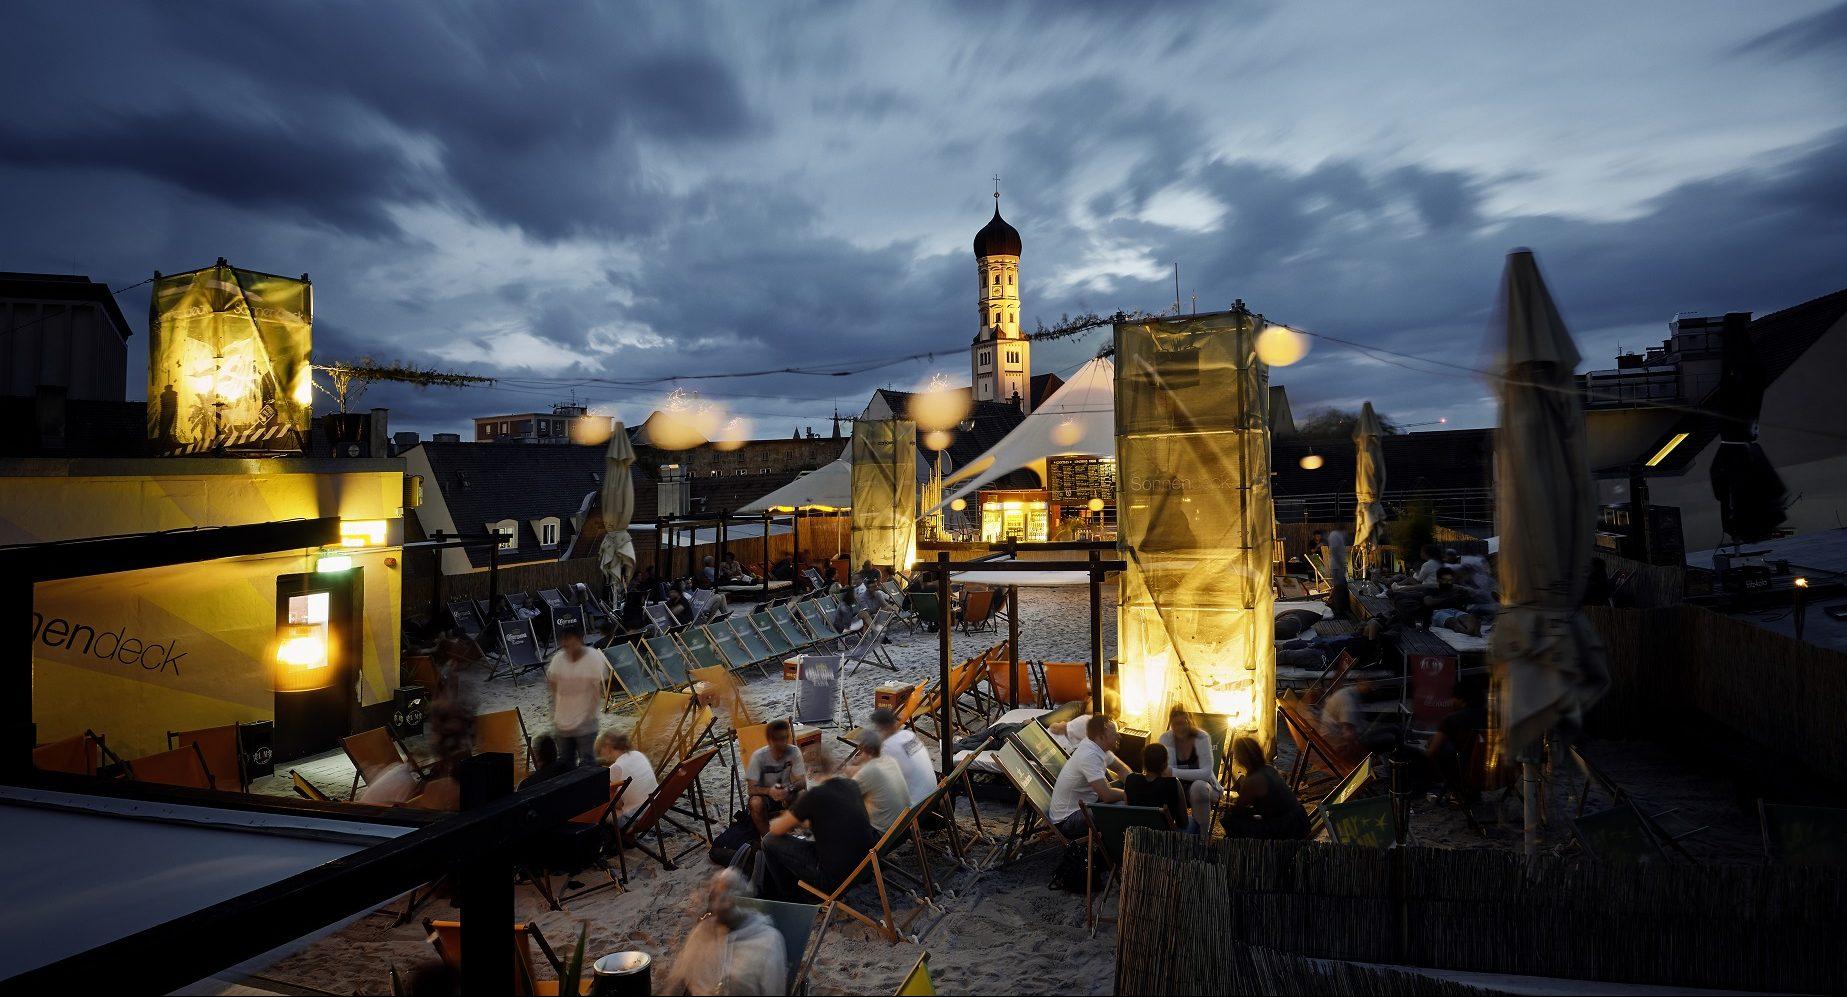 Feierstimmung bei Nacht über den Dächern von Augsburg.